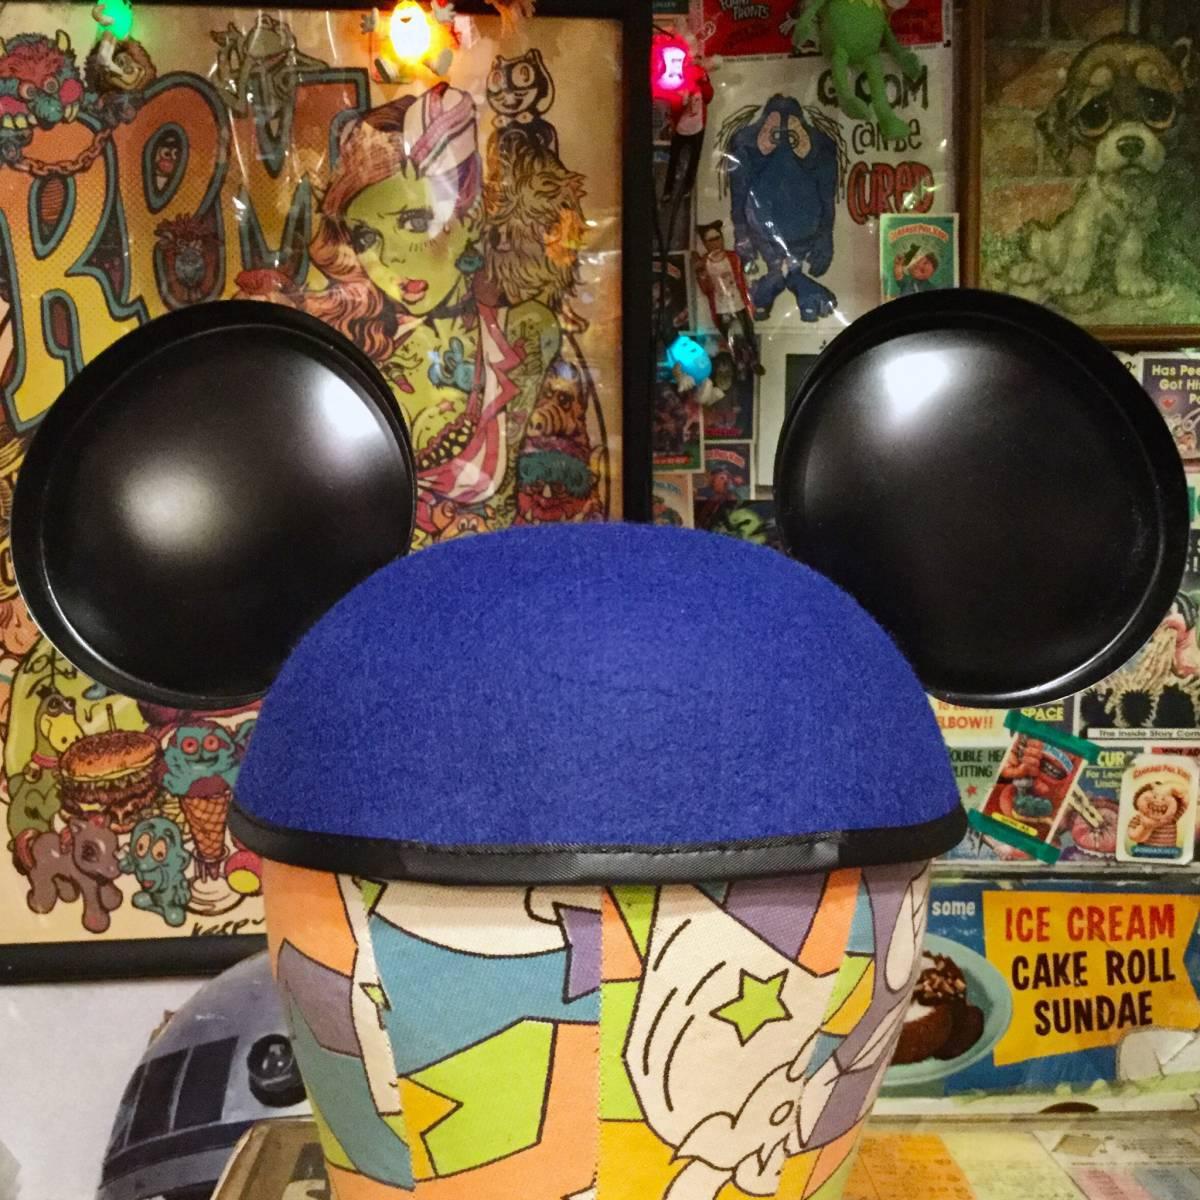 USA ディズニー ワールド 限定 ミッキーマウス イヤー ハット キャップ ブルー MICKEY MOUSE 耳付き 帽子 Disney World ディズニーランド _画像3